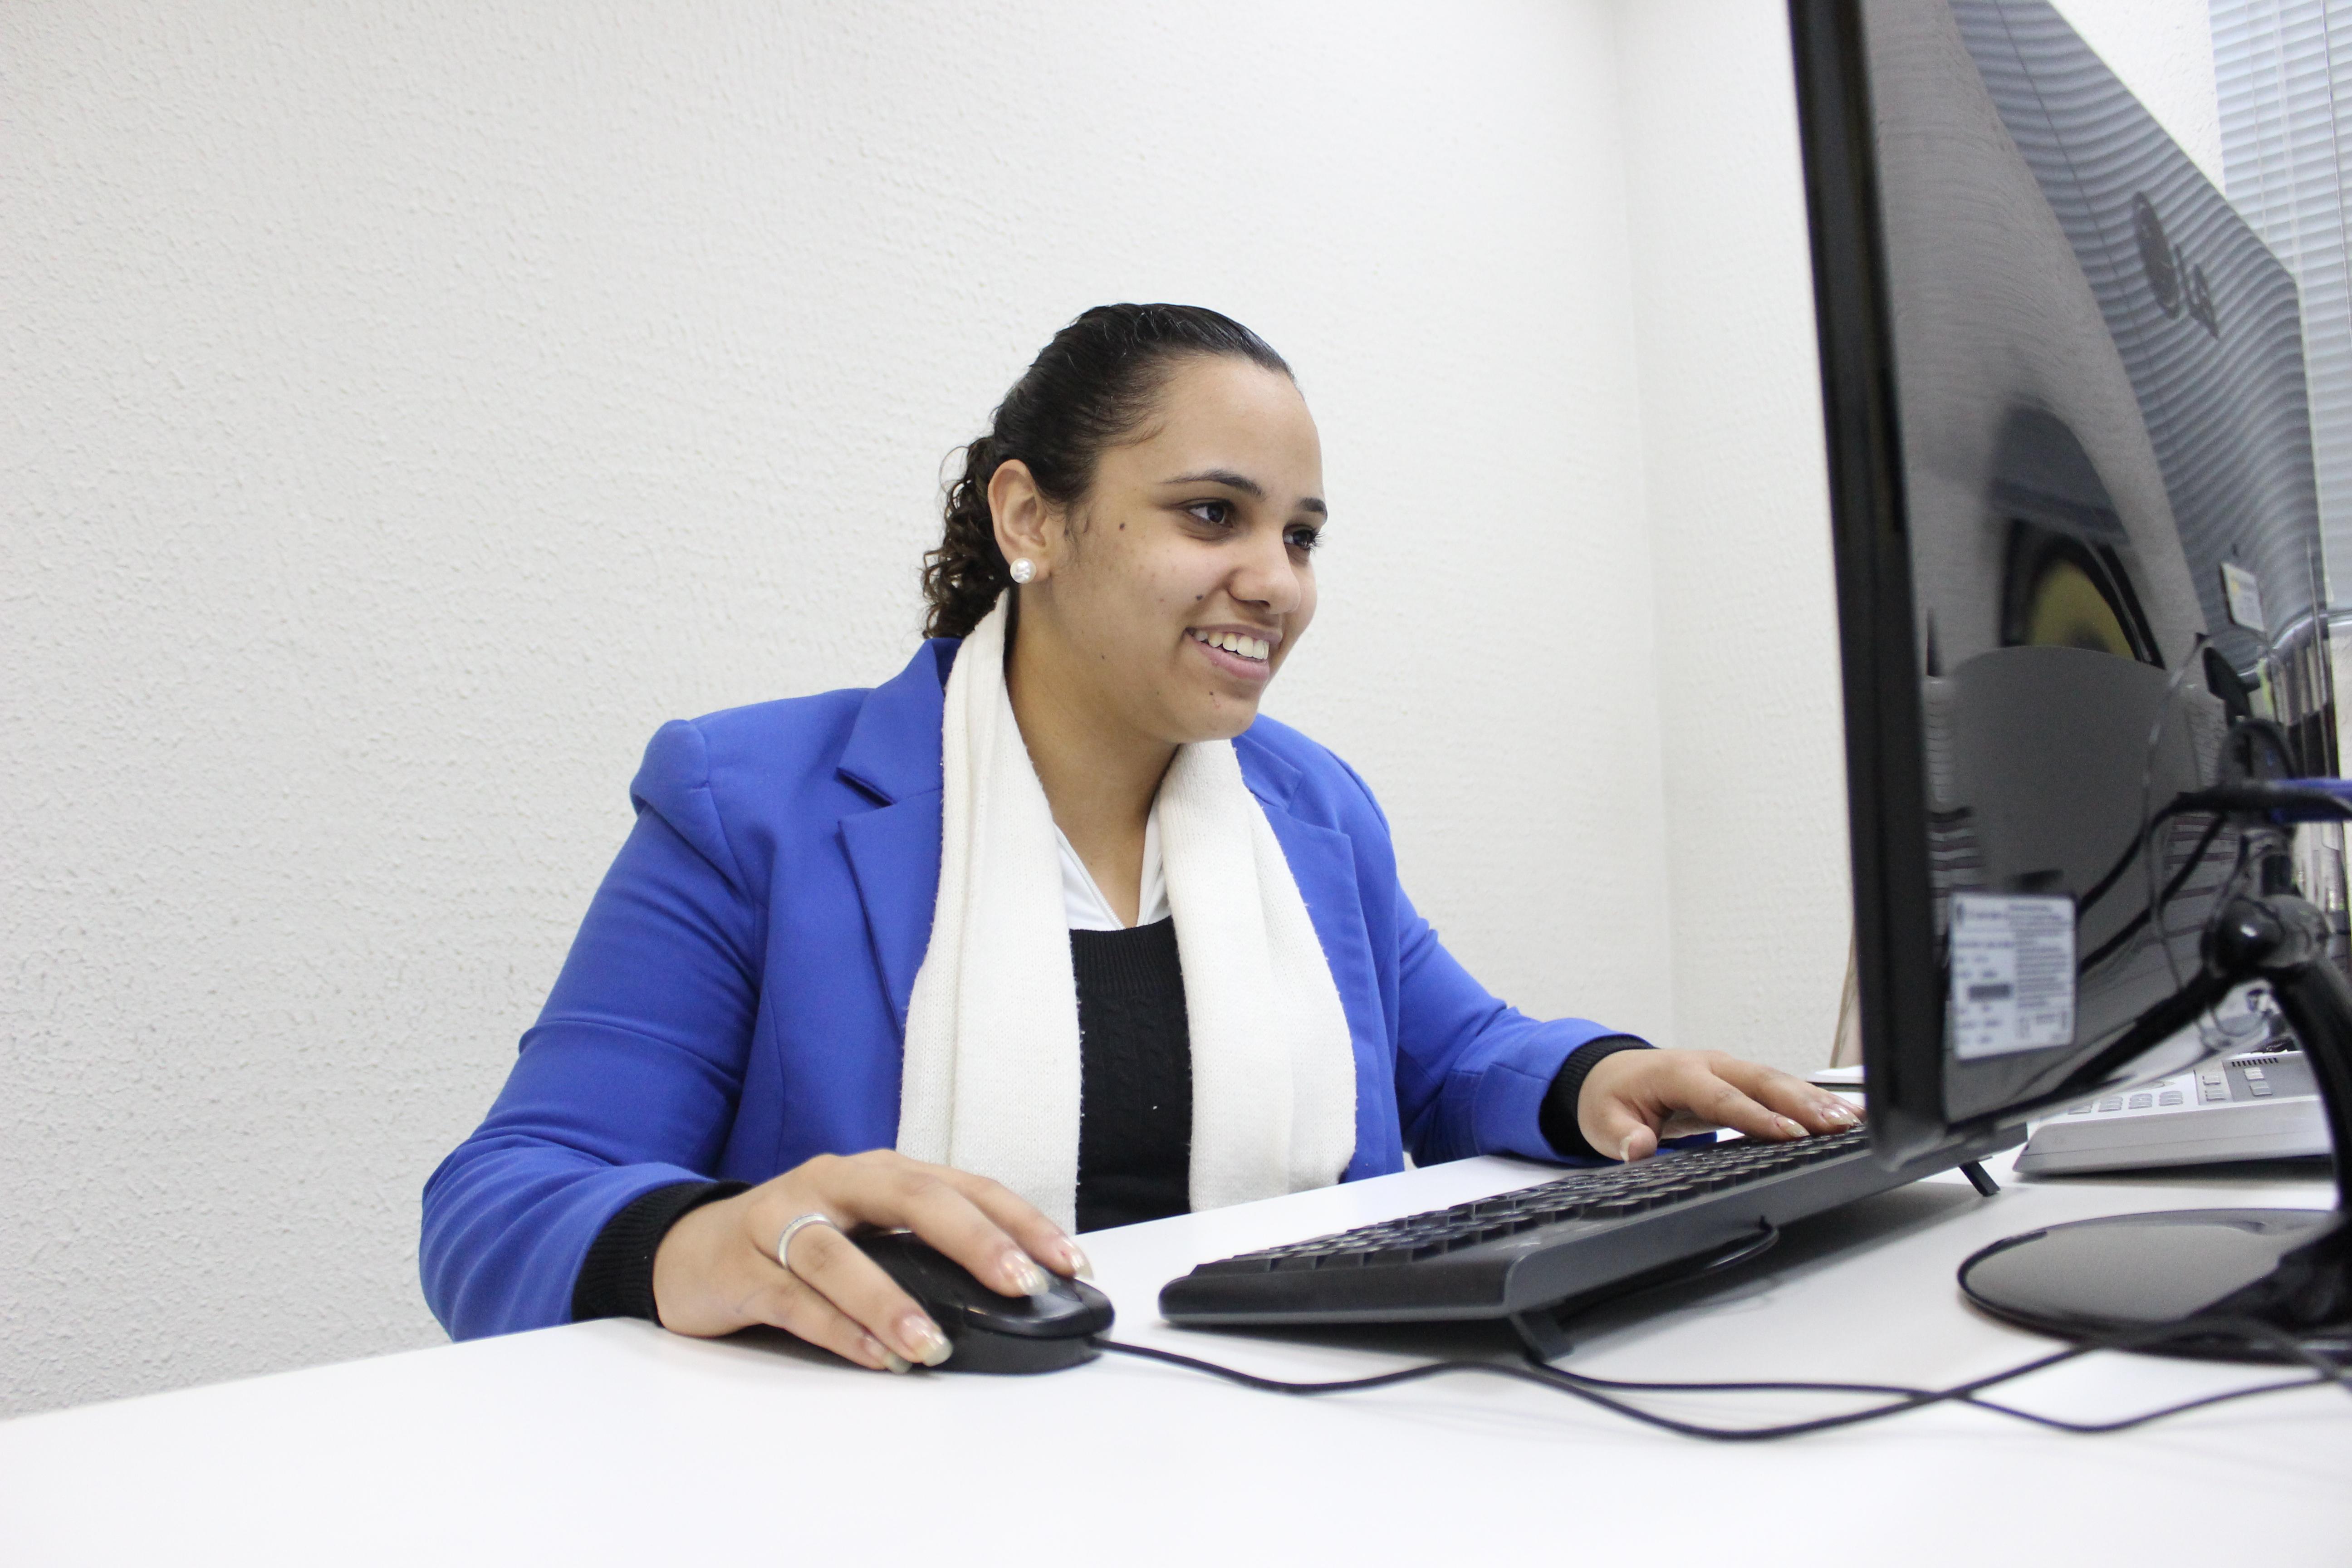 Foto de Stephanie, cliente atendida pela Fundação. Ela está sentada em frente a uma mesa branca, com uma tela de computador a sua frente. Suas mãos estão sb um teclado e um mouse pretos. Stephanie veste bleaser azul e cachecol branco e sorri.